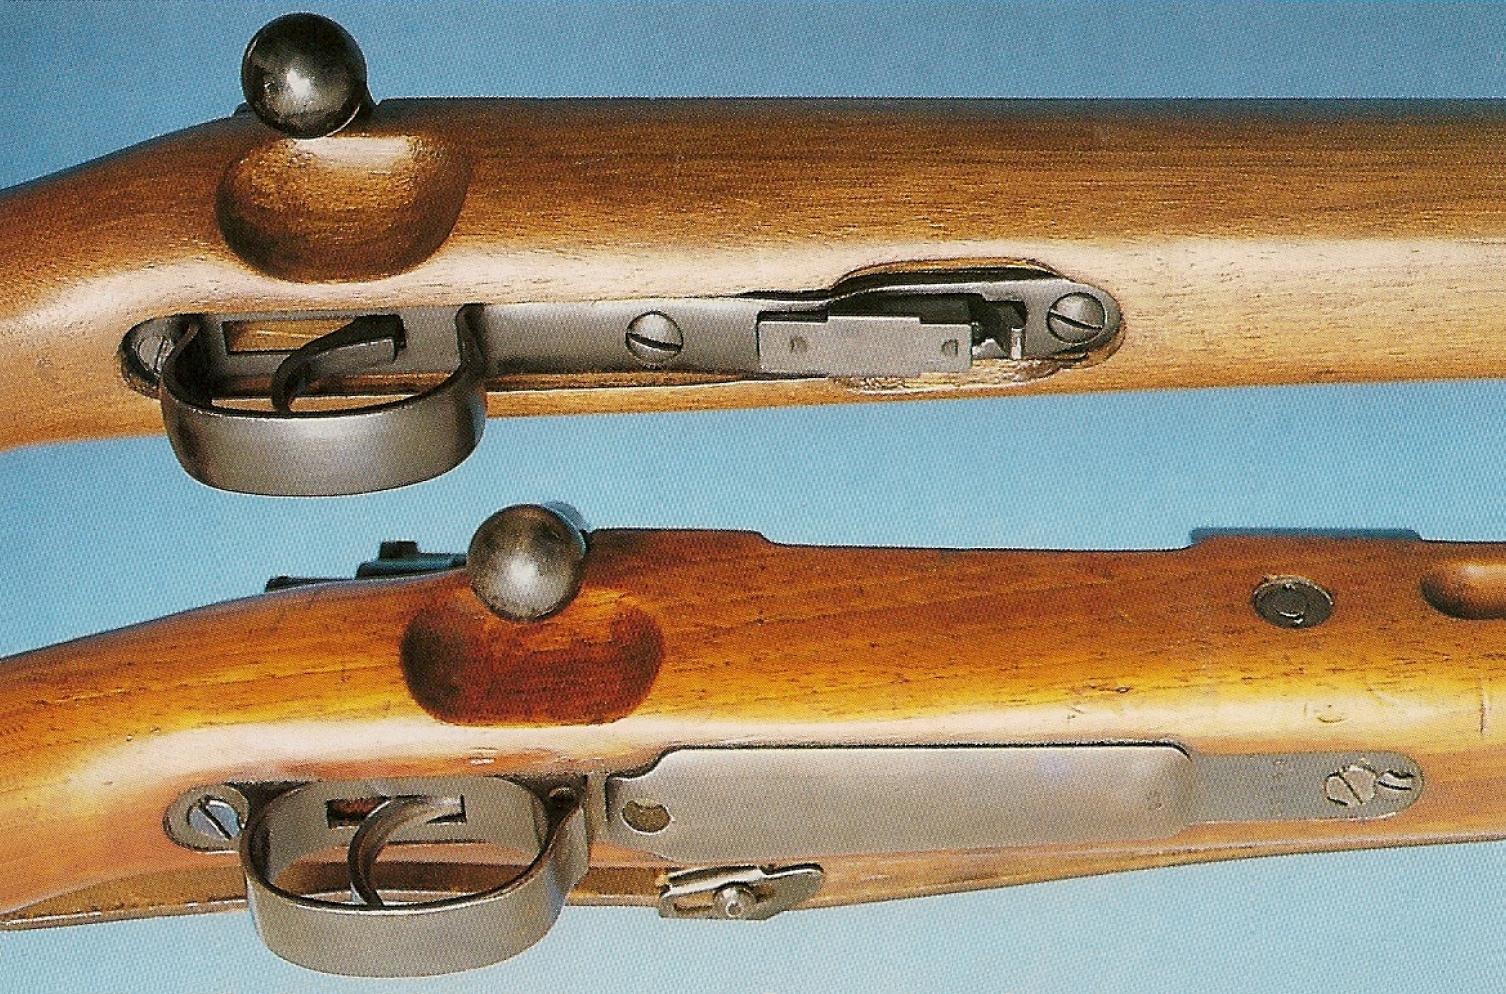 C'est au niveau de la sous-garde que les différences sont les plus évidentes, celle de la carabine chinoise, en acier embouti, accueillant un chargeur amovible de 5 coups en calibre .22 LR.